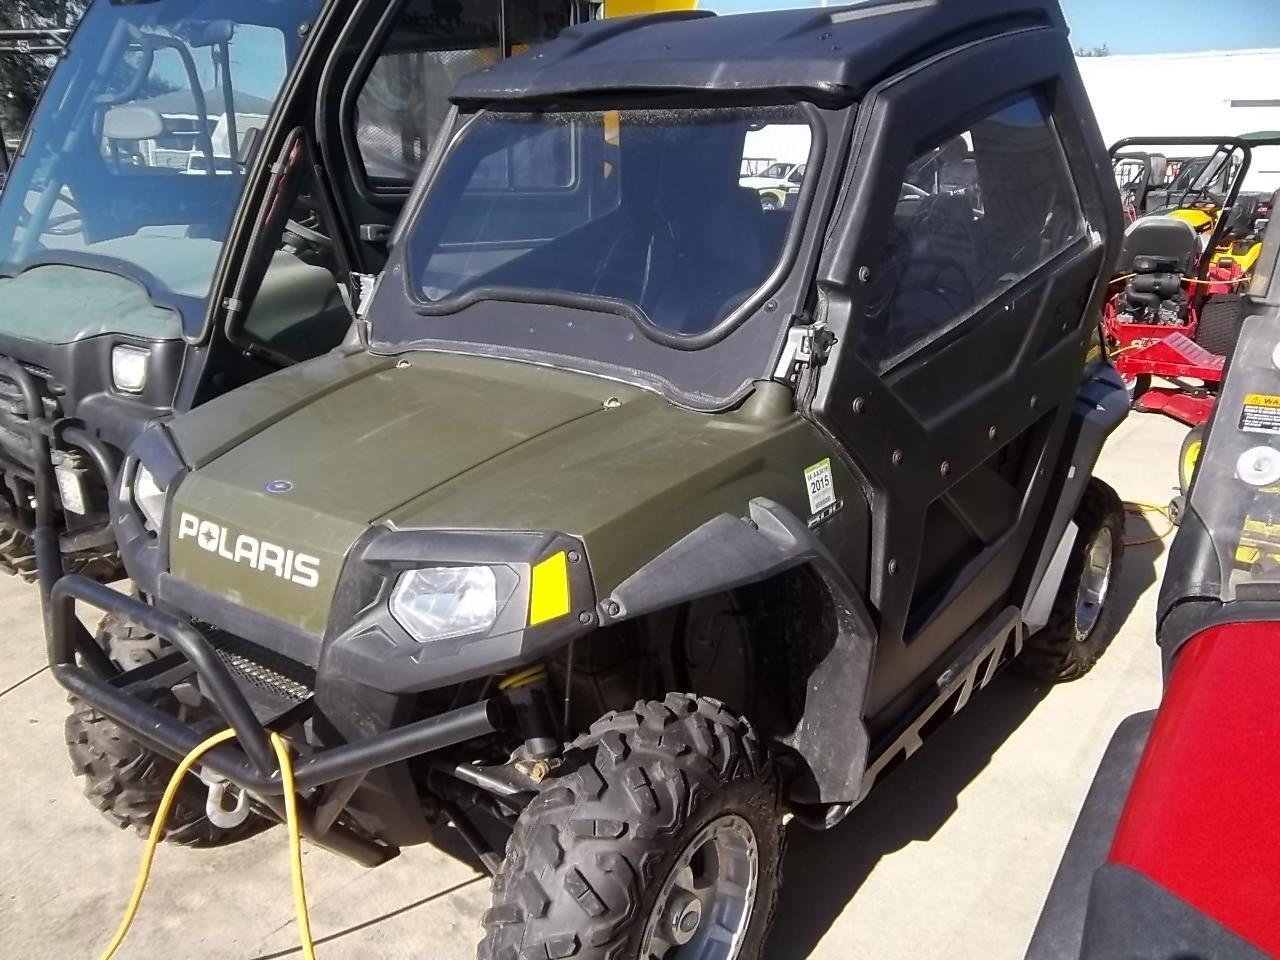 2008 Polaris Ranger RZR 800 ATVs and Utility Vehicle